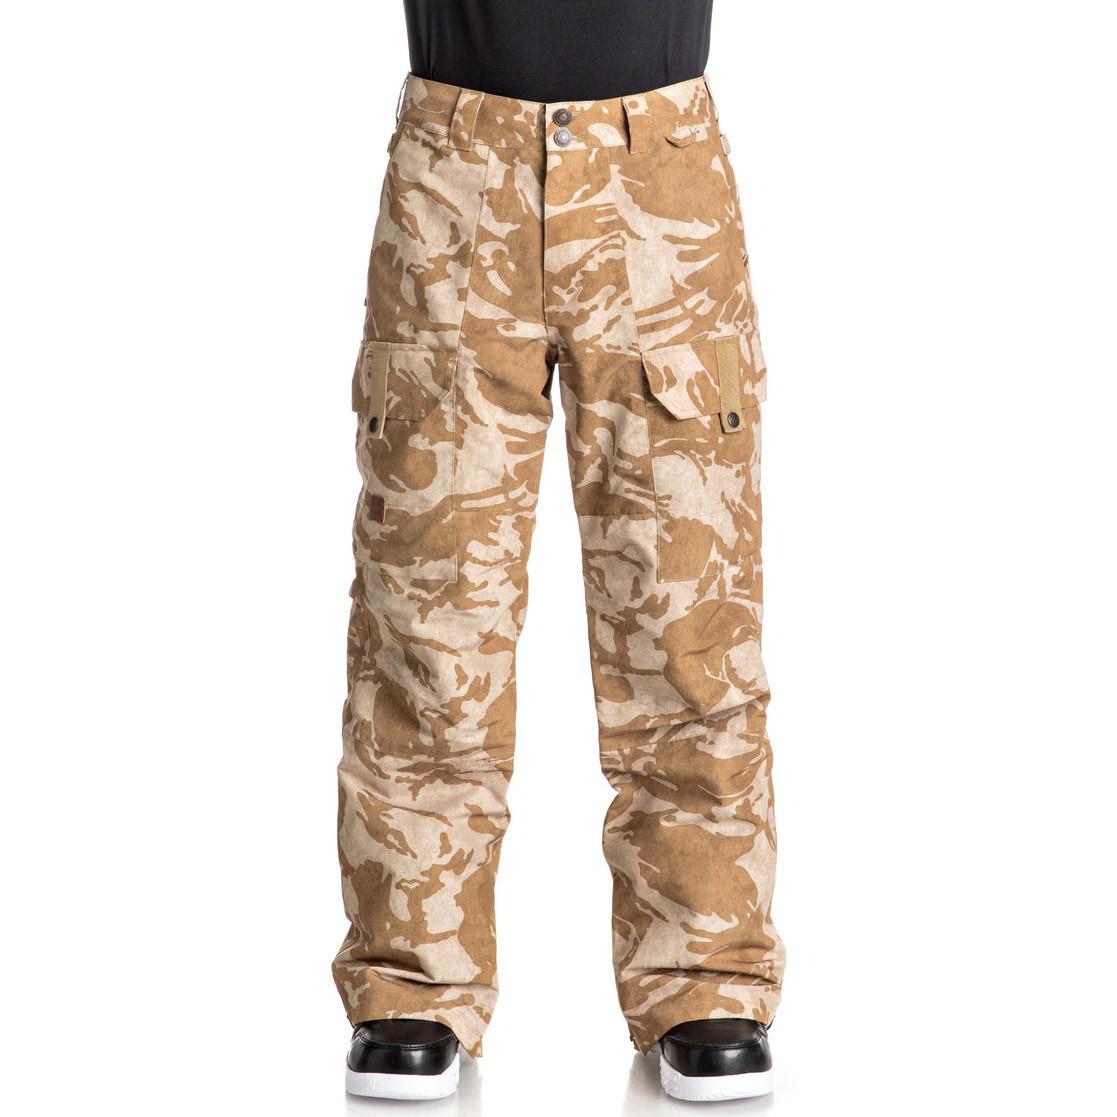 Kalhoty DC Code british woodland camo